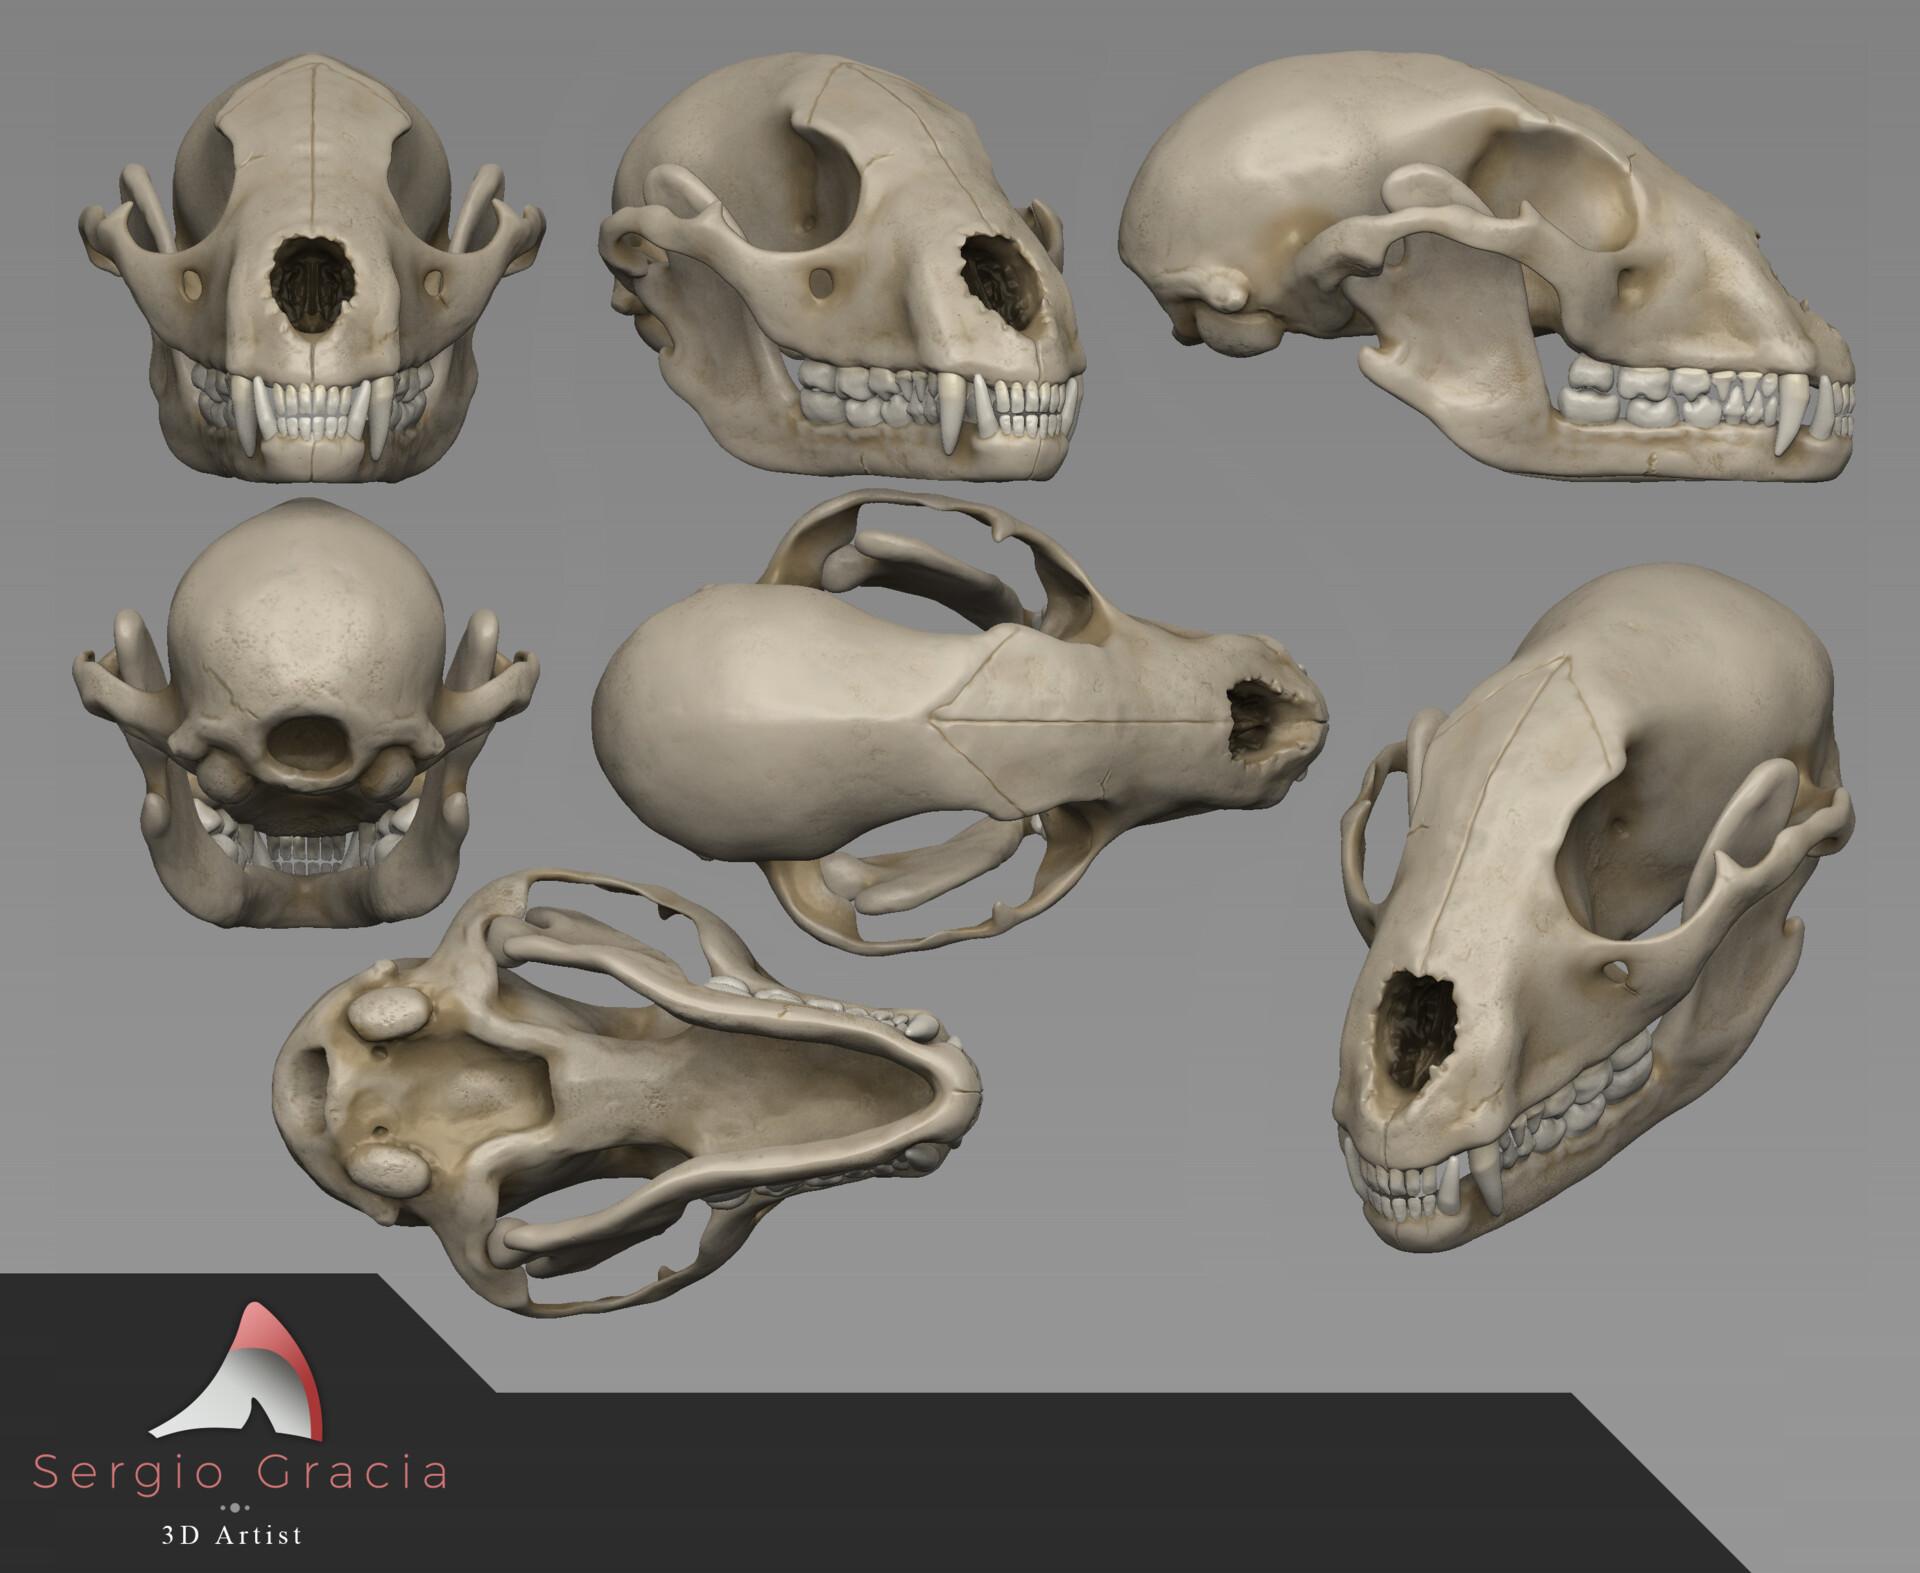 Sergio Gracia - Raccoon skull